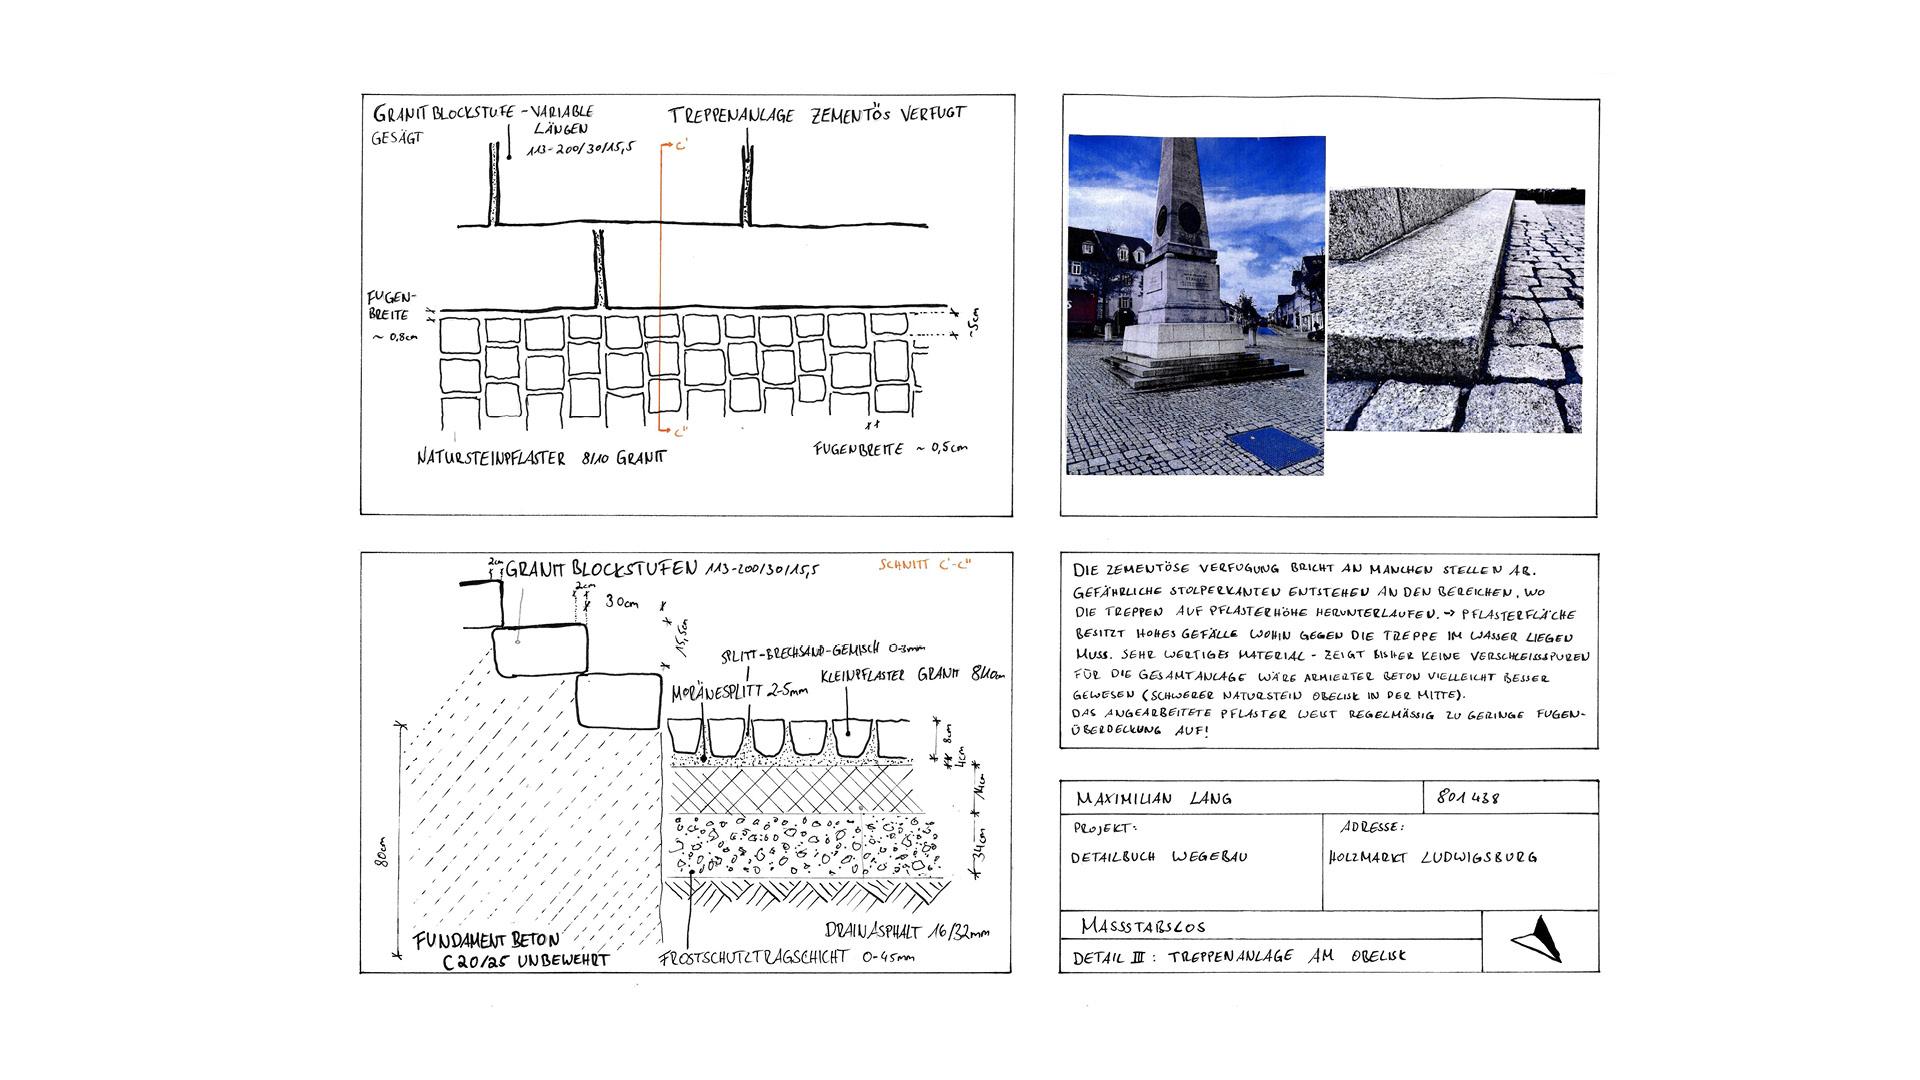 Detailbuch13